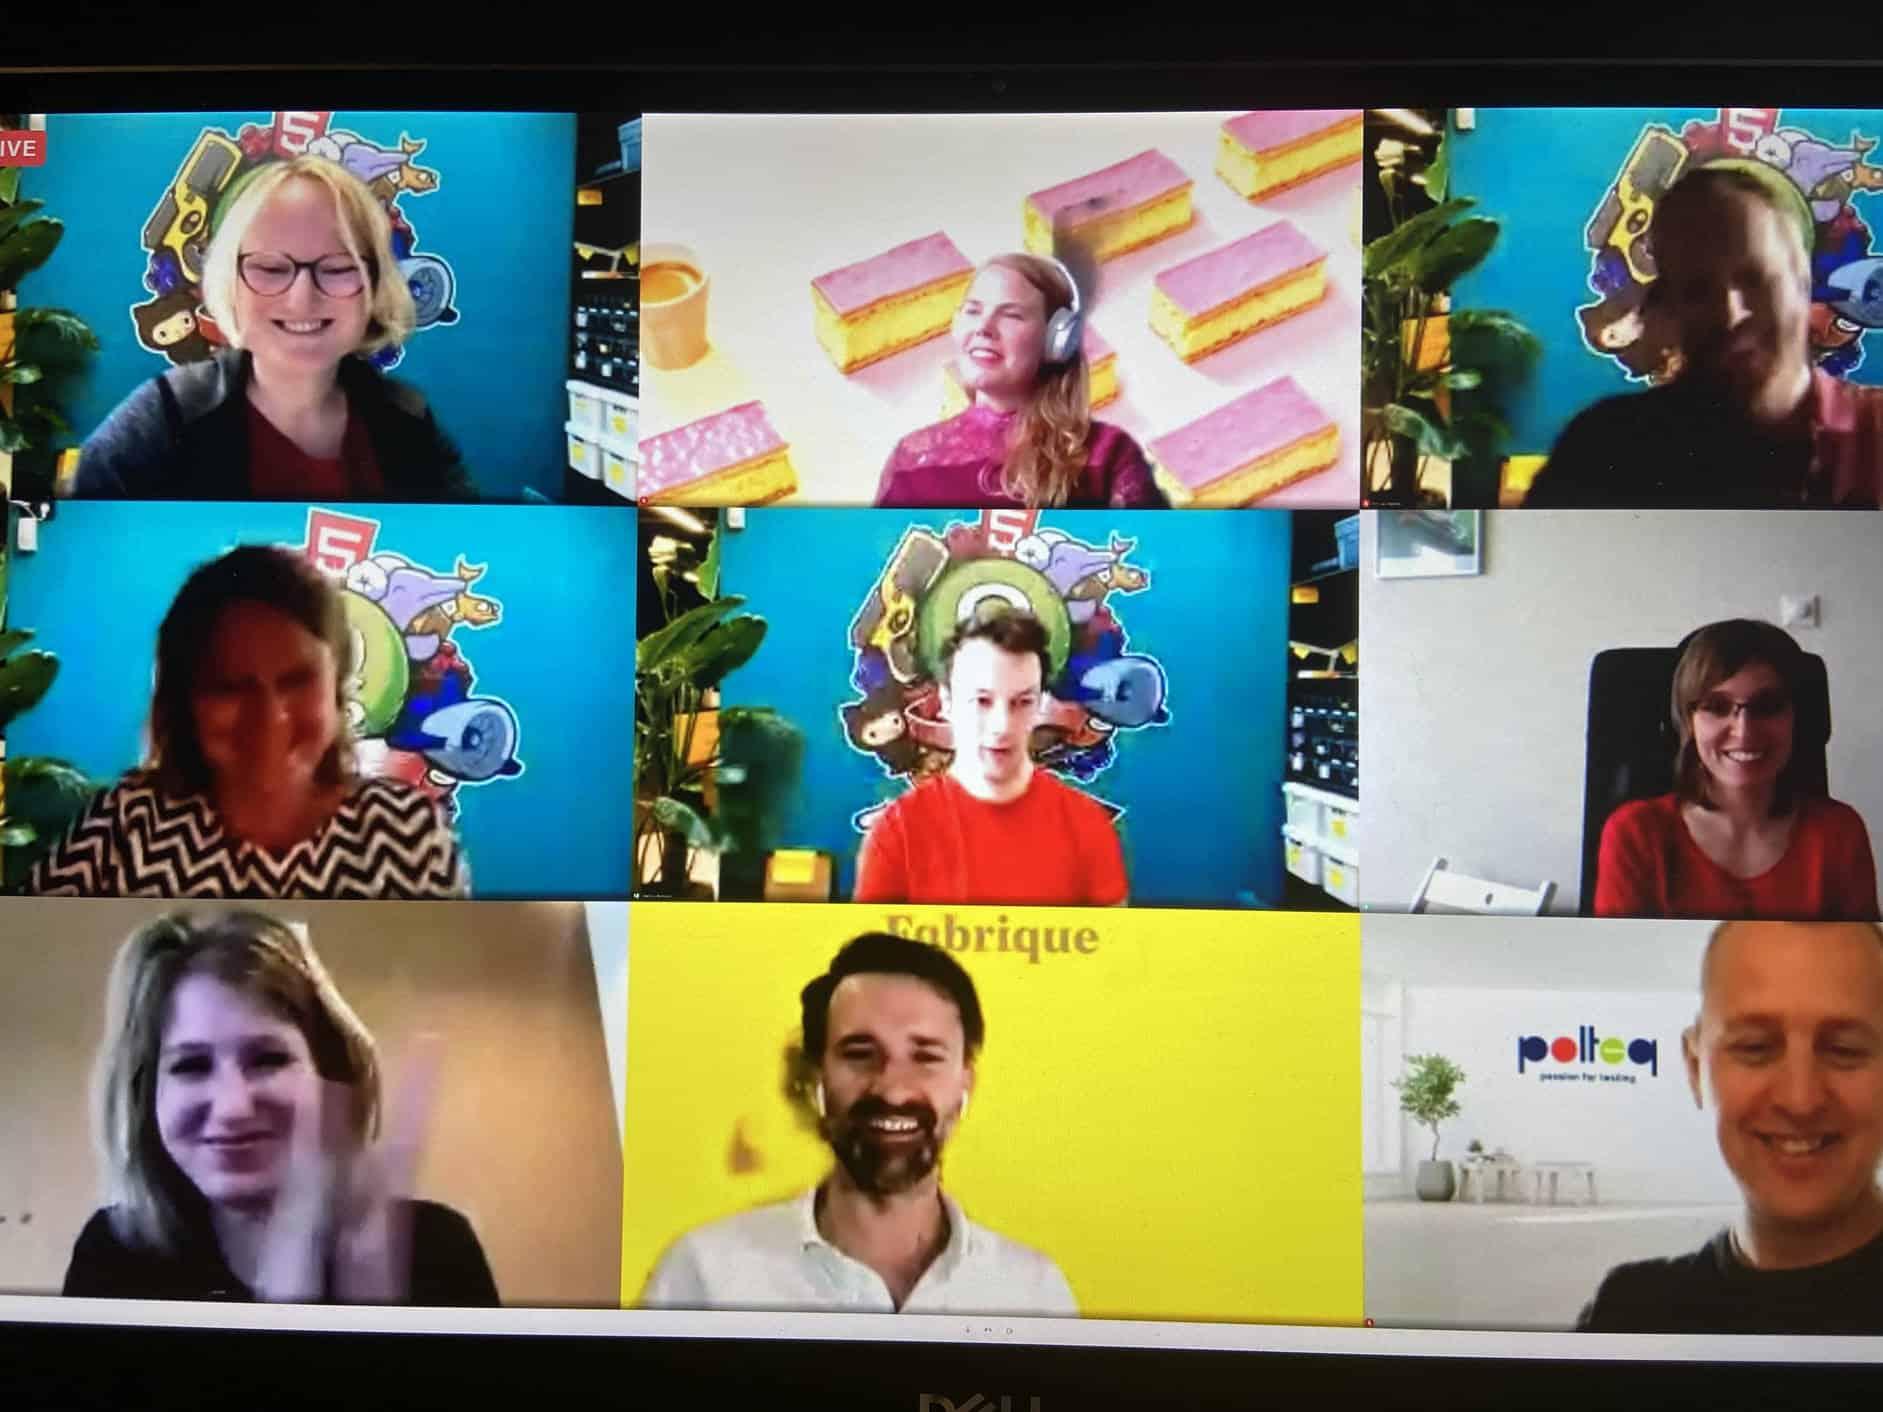 Het team van HEMA, Q42, Polteq en Fabrique tijdens de online award uitreiking van de Dutch Interactive Awards: